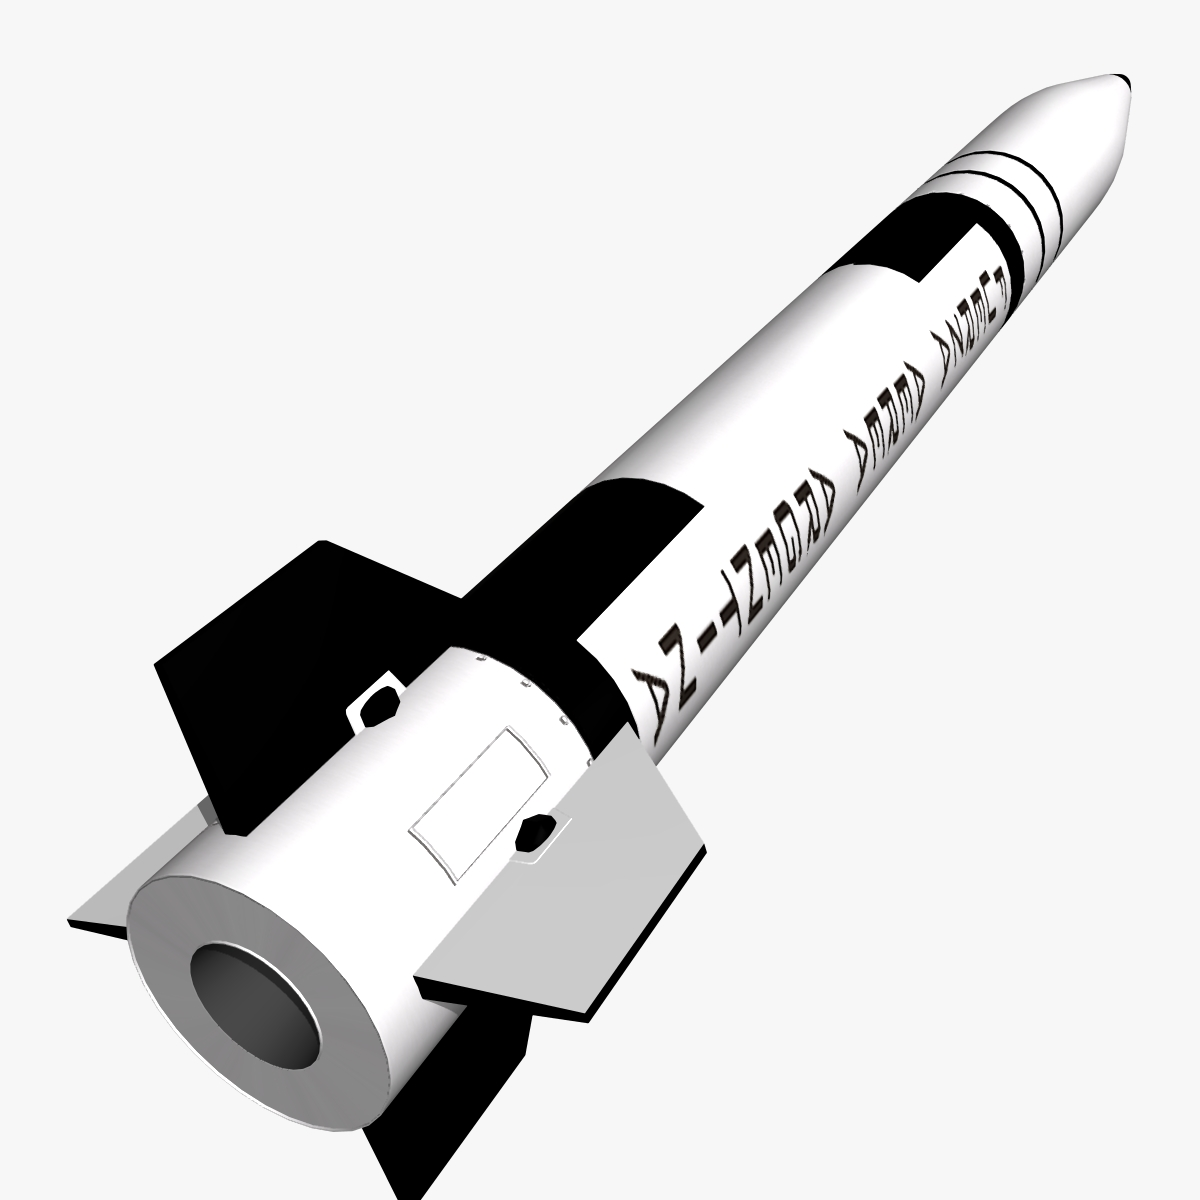 condor i-aiii/alacran missile 3d model 3ds dxf fbx blend cob dae x  obj 166207